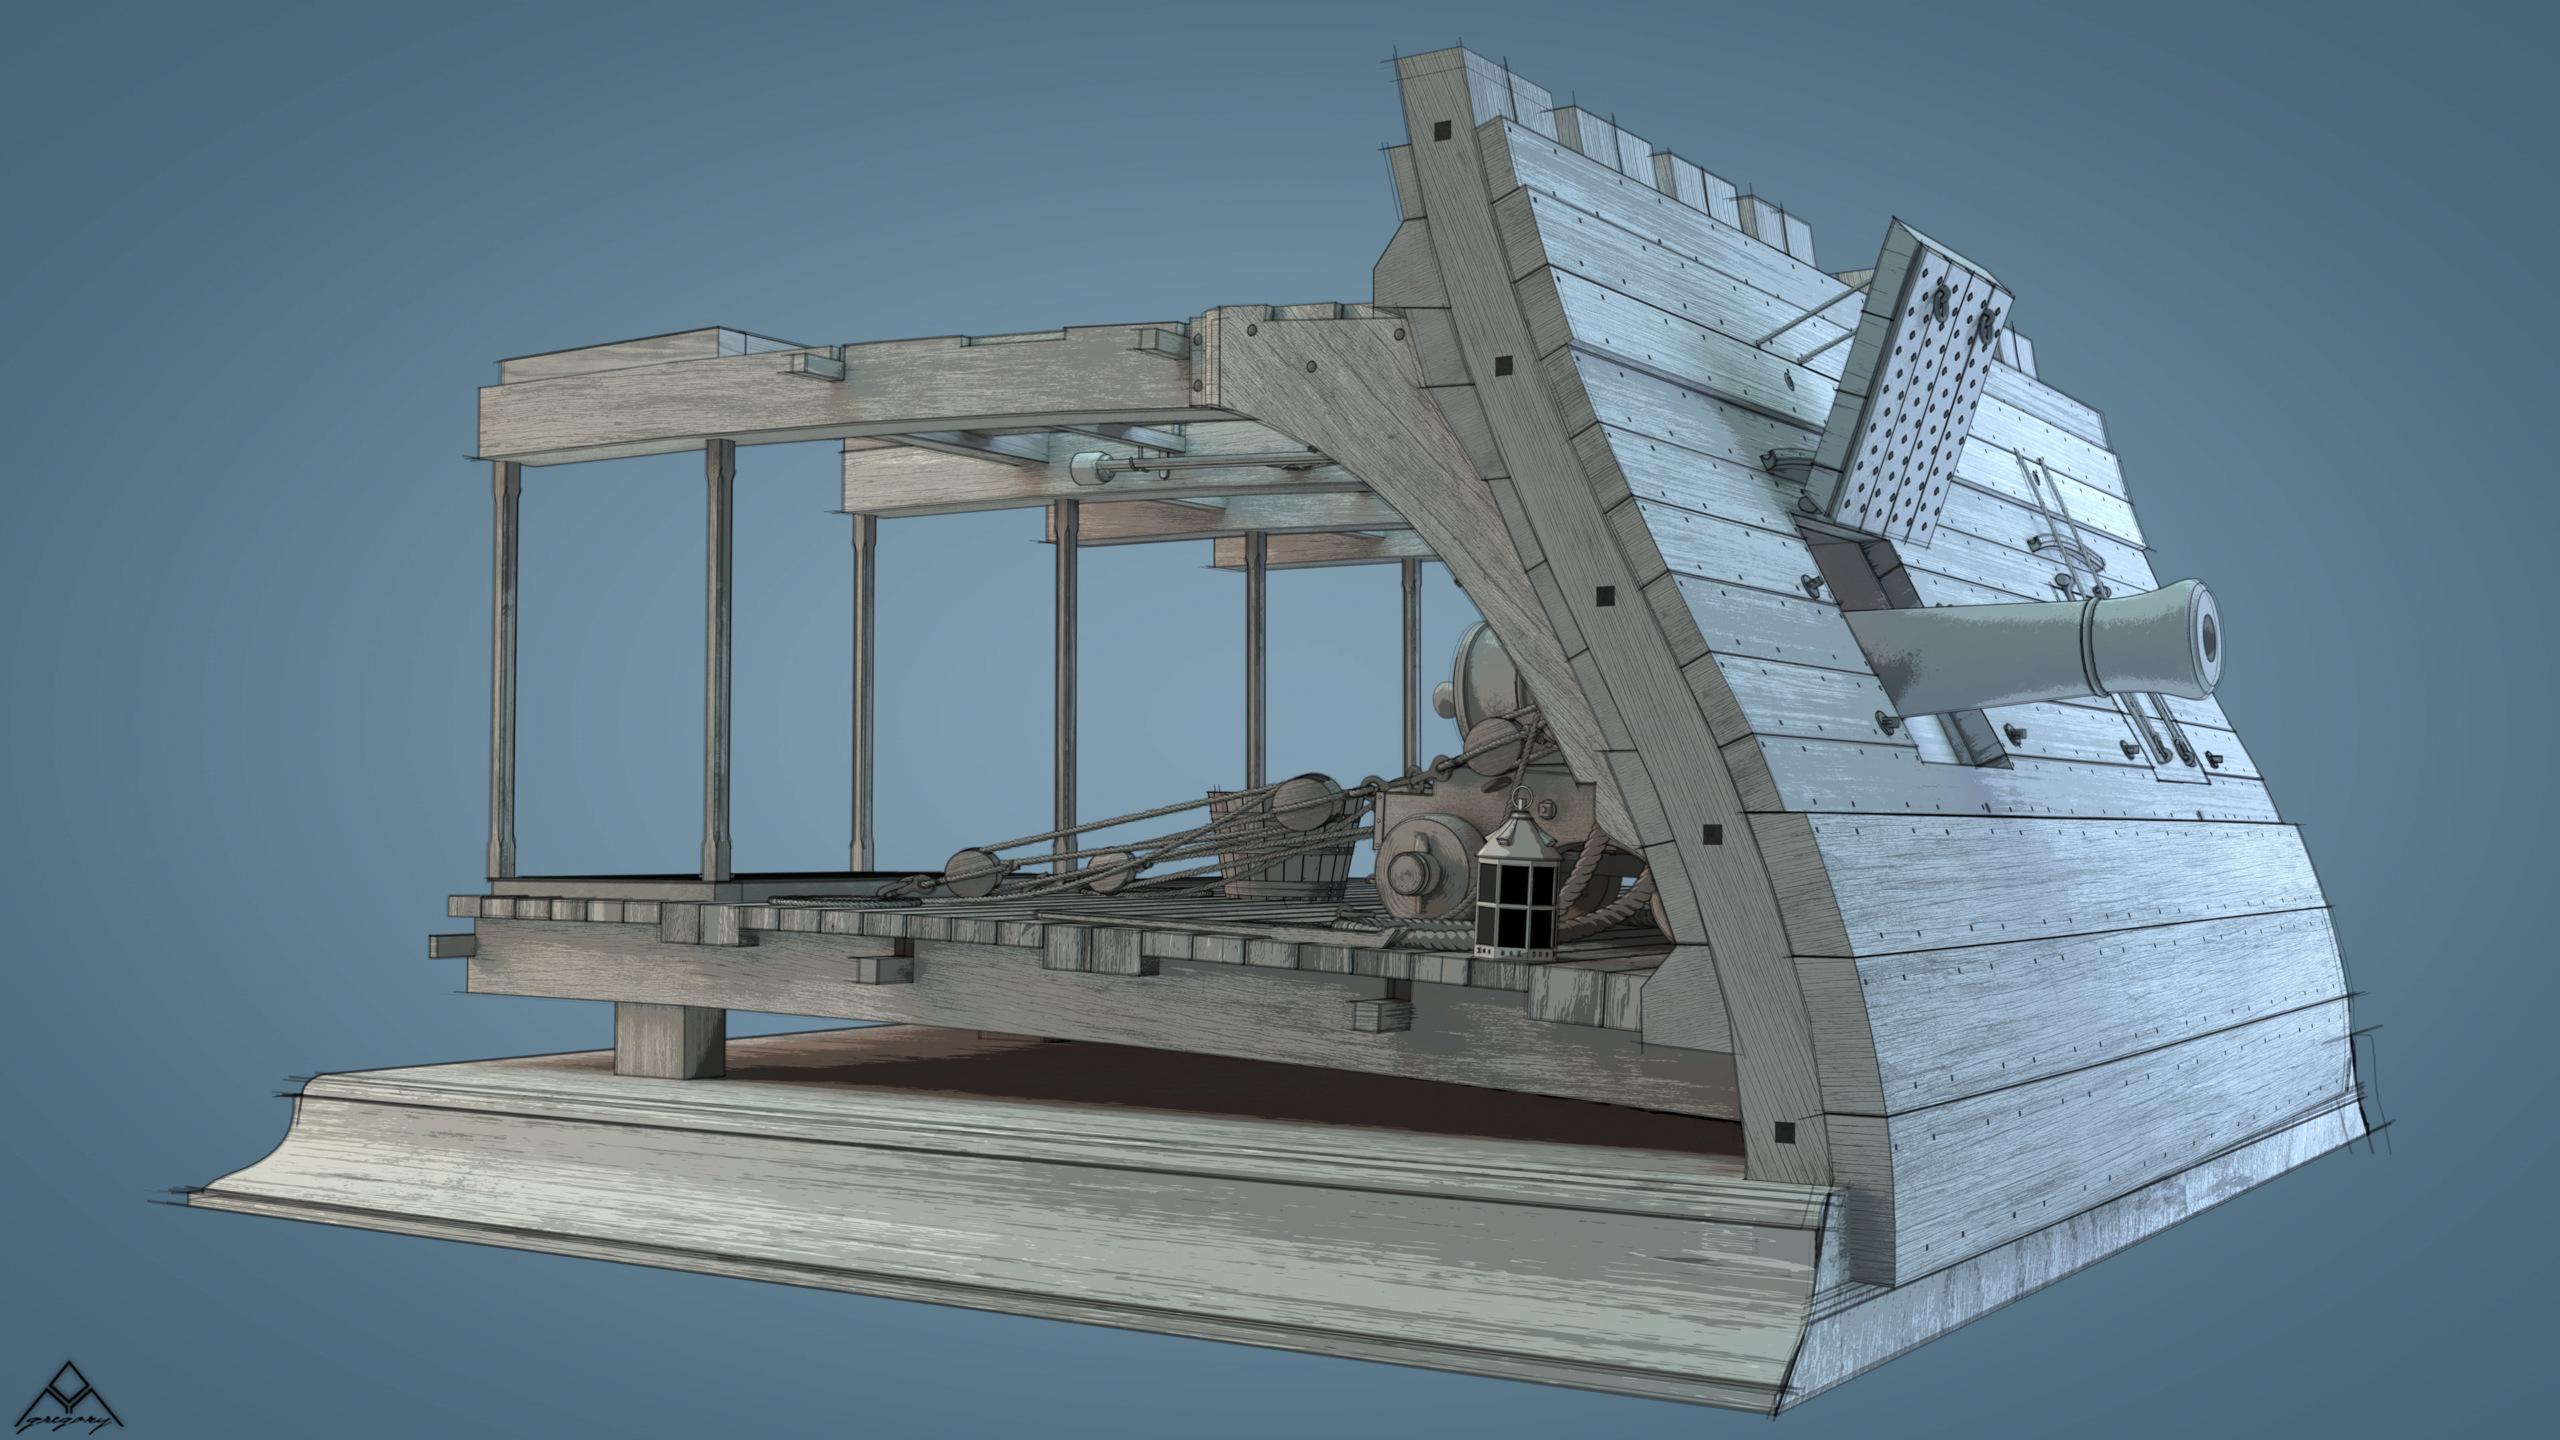 Canons de vaisseau 74 canons (Création 3D) par Greg_3D - Page 9 Rendu111